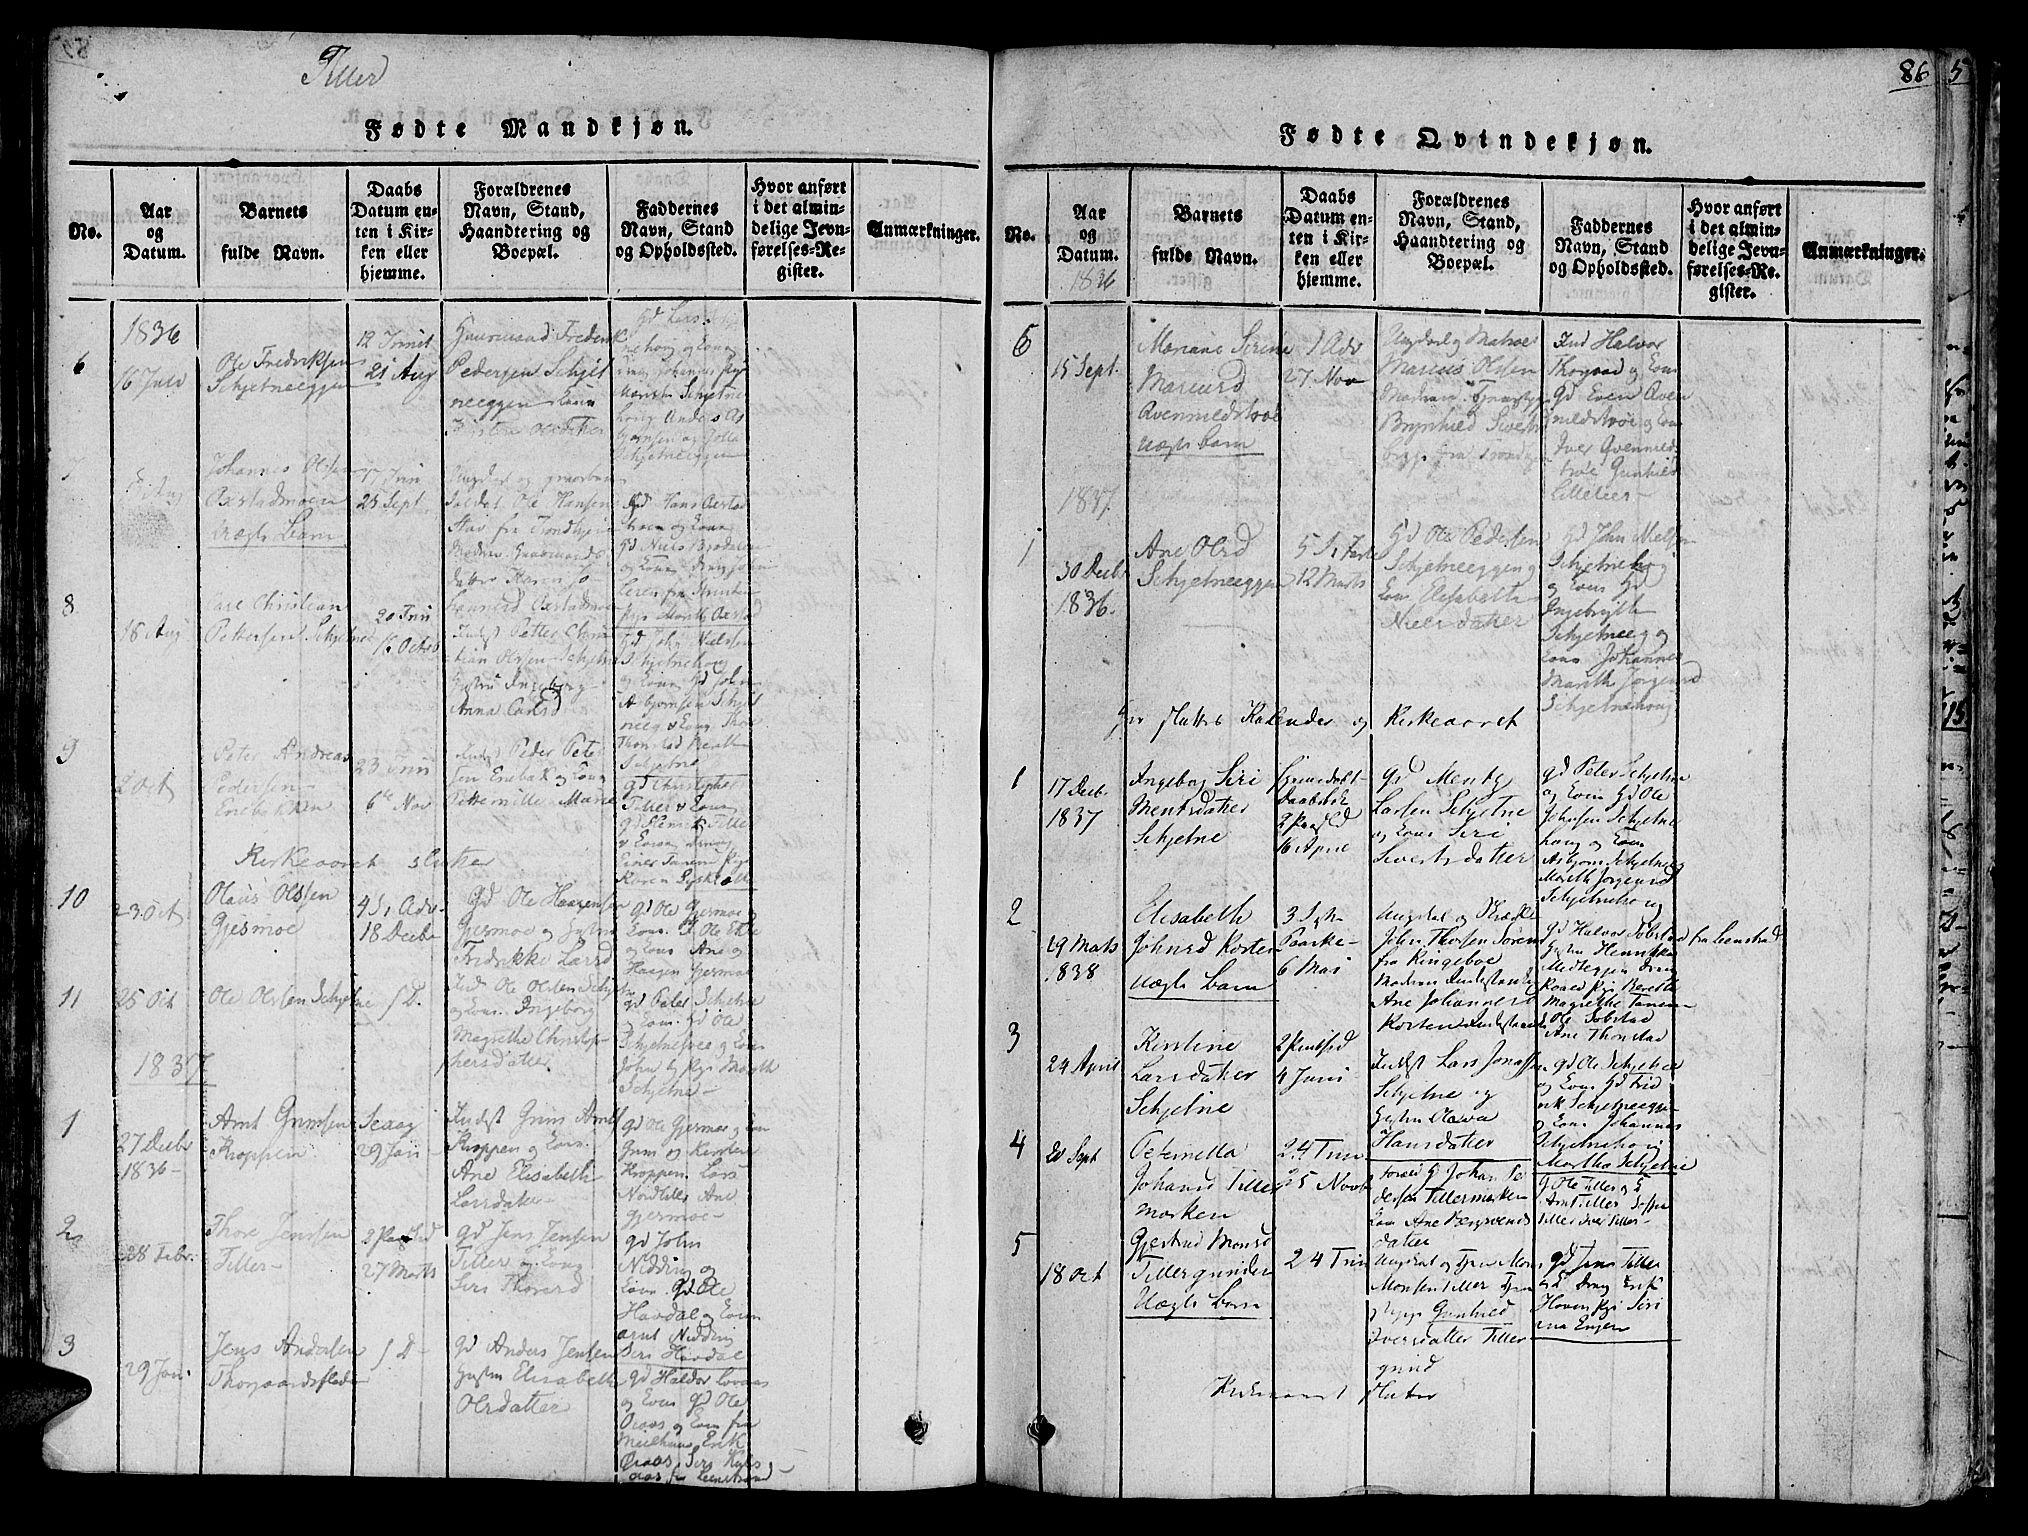 SAT, Ministerialprotokoller, klokkerbøker og fødselsregistre - Sør-Trøndelag, 618/L0440: Ministerialbok nr. 618A04 /2, 1816-1843, s. 86